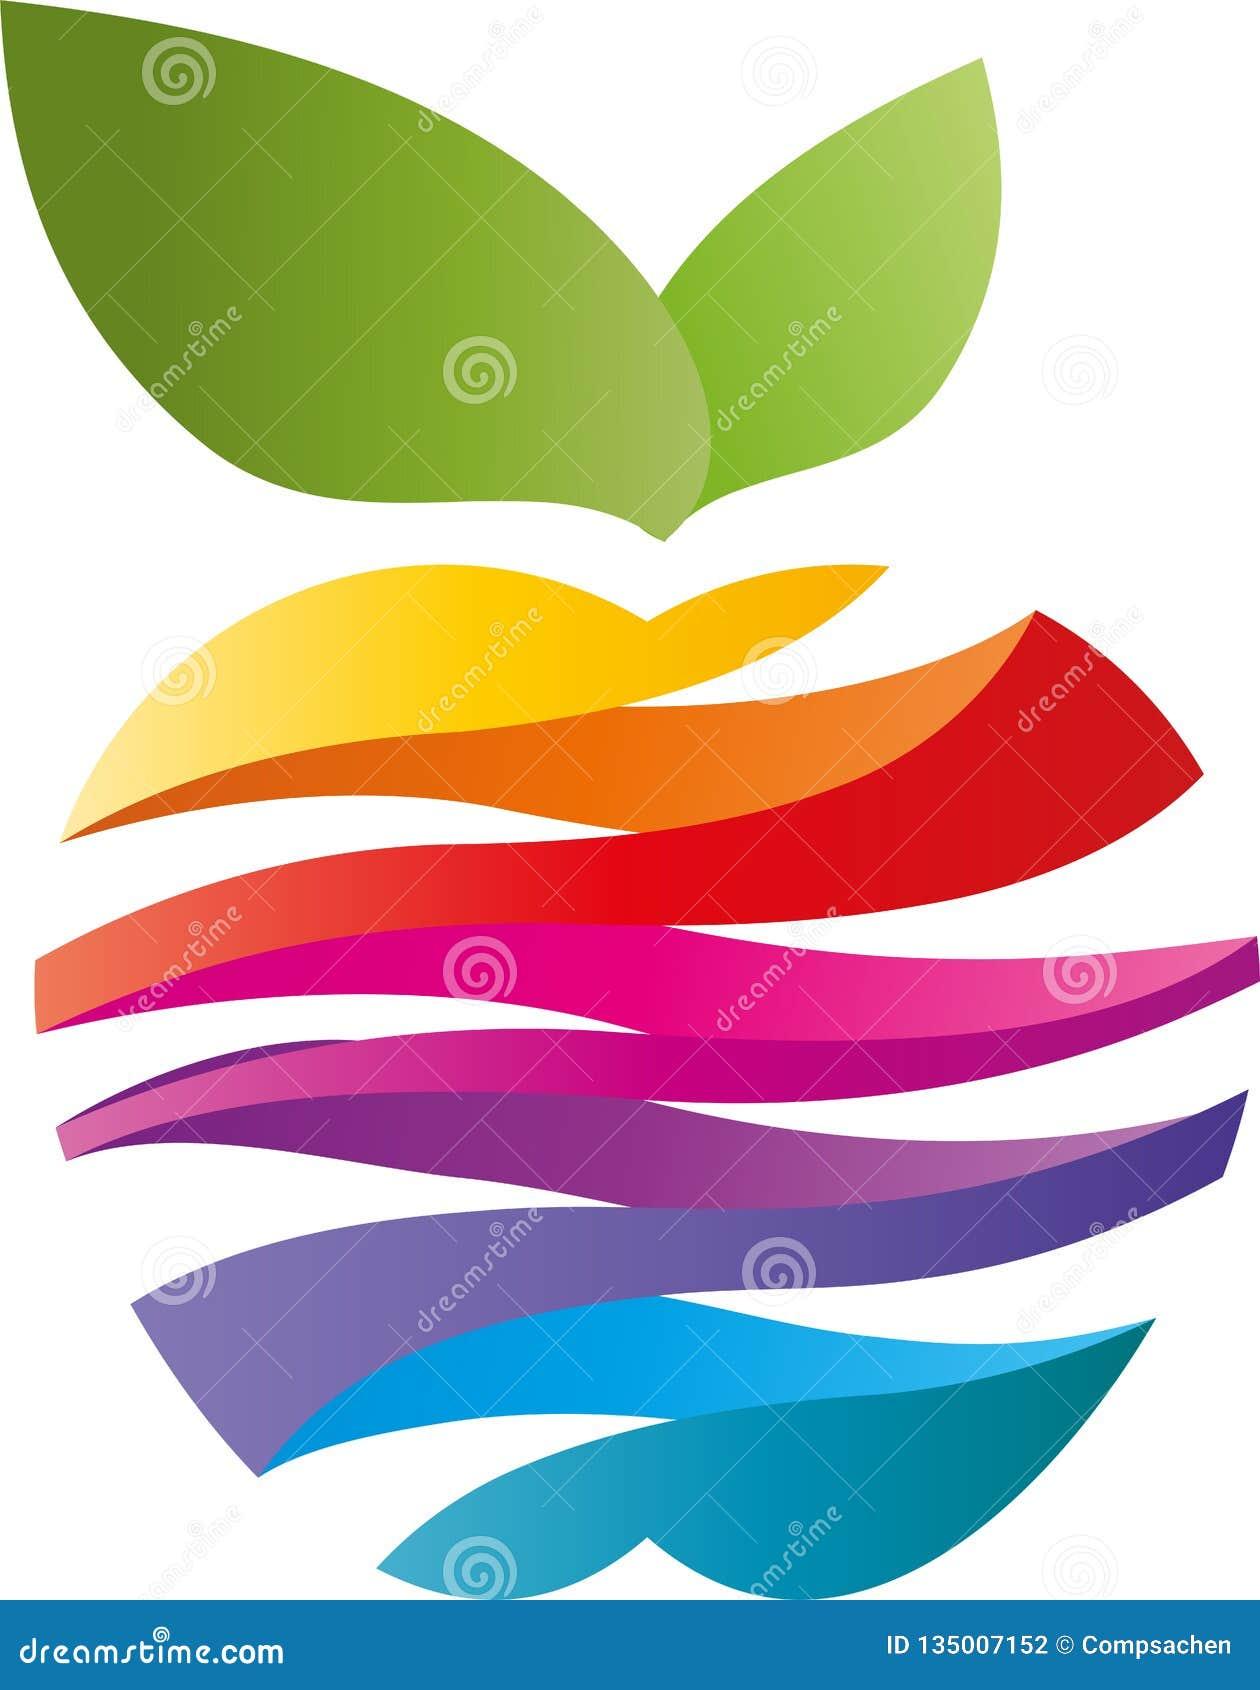 Apple fez das ondas em cores do arco-íris, em maçã e em logotipo do pintor